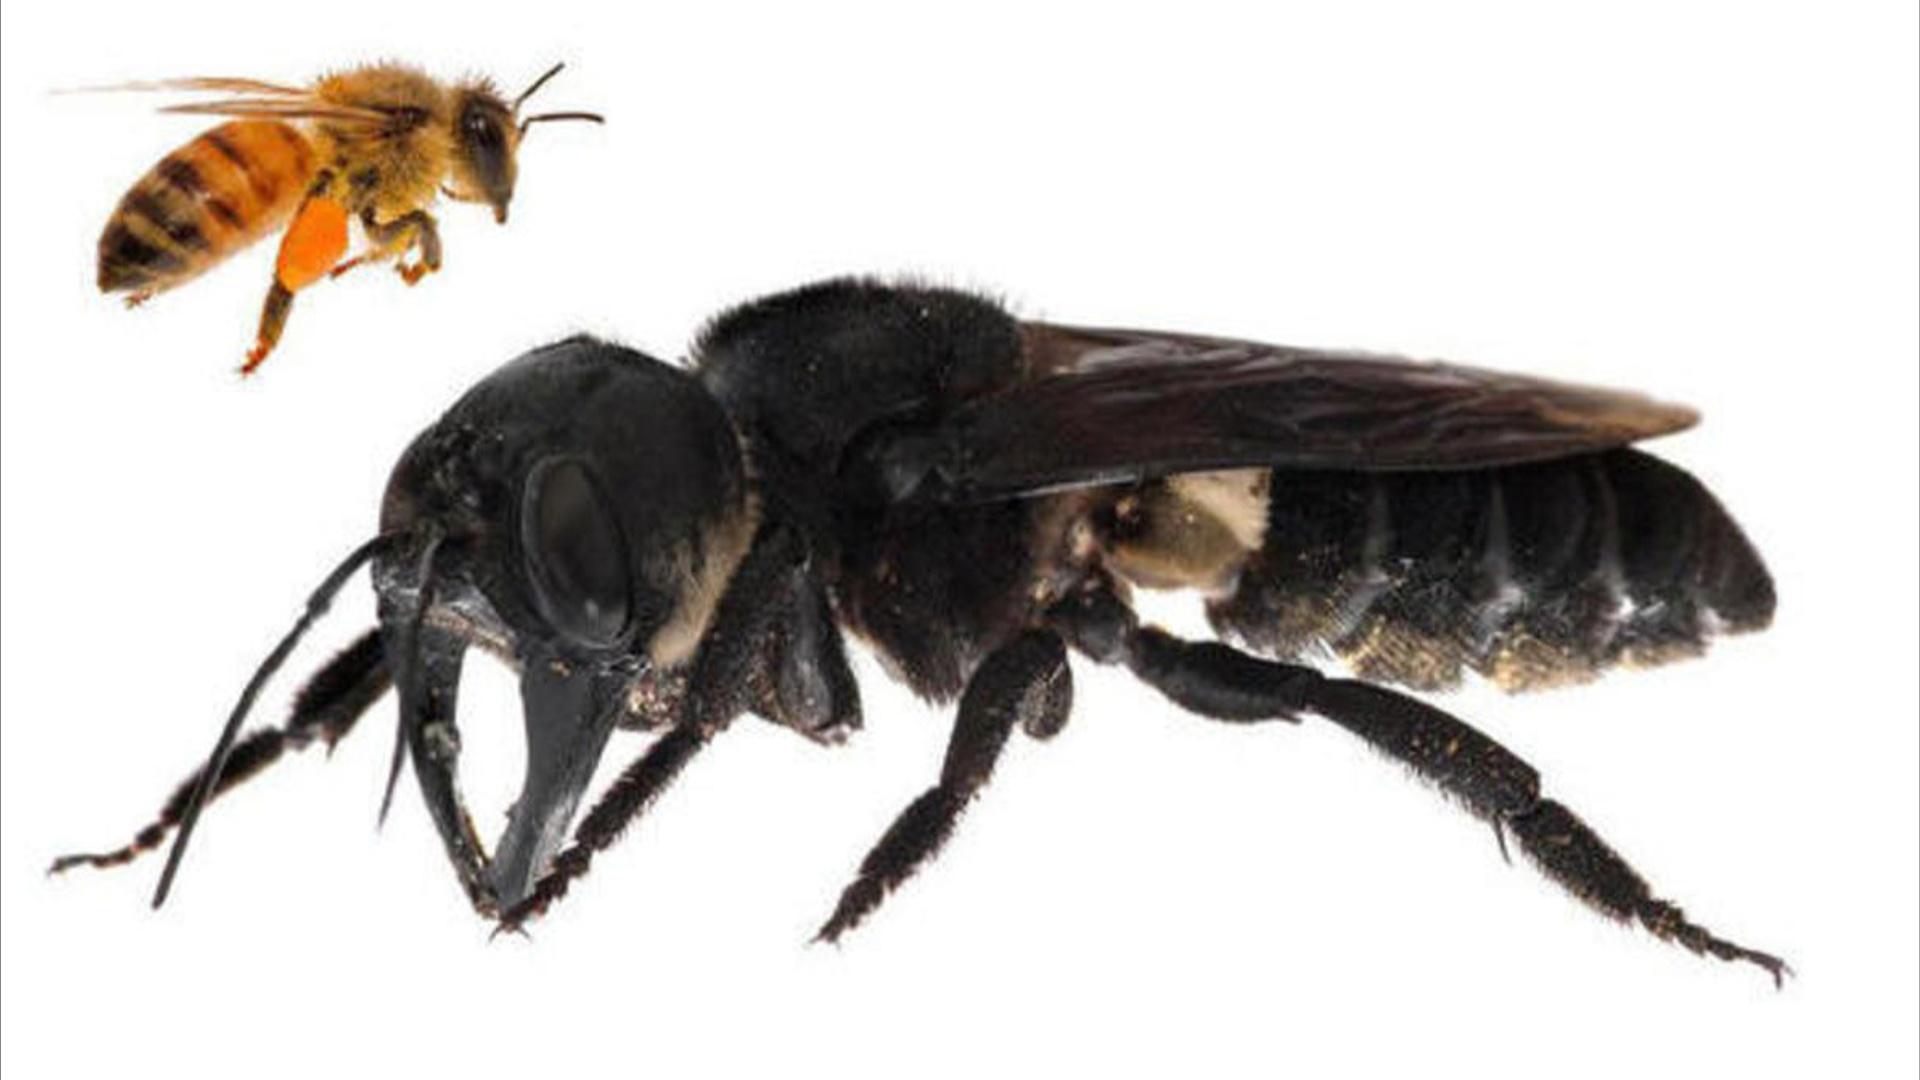 Nəsli tükəndiyi bilinən dünyanın ən böyük arısı canlı tapılıb